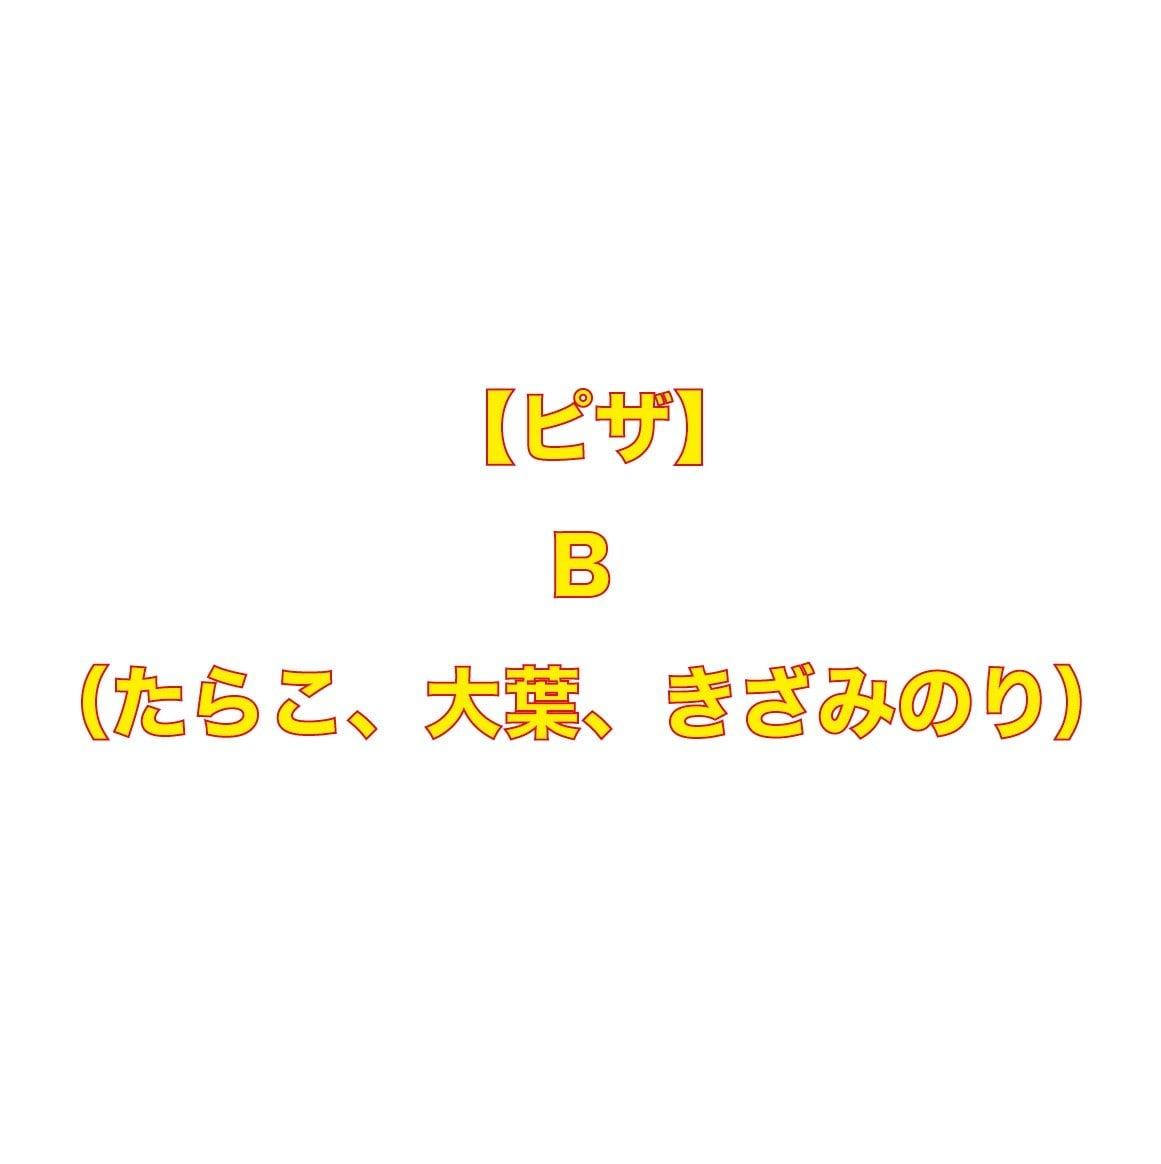 【ピザ】B(たらこ、大葉、きざみのり)のイメージその1